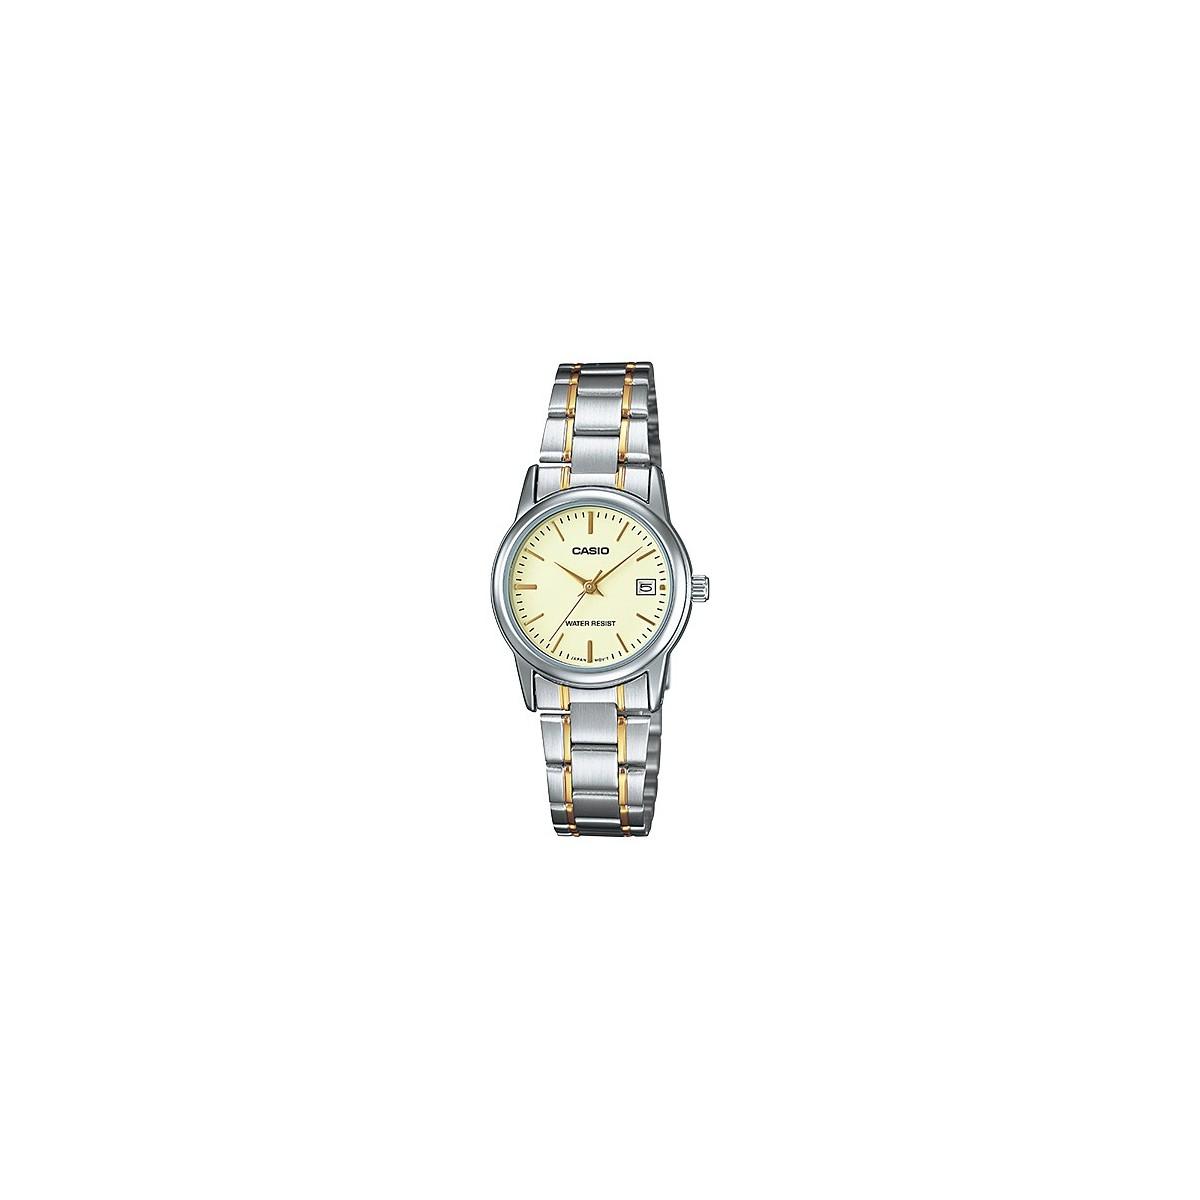 https://www.gaberjoyeria.com/4912-thickbox_default/reloj-casio-.jpg